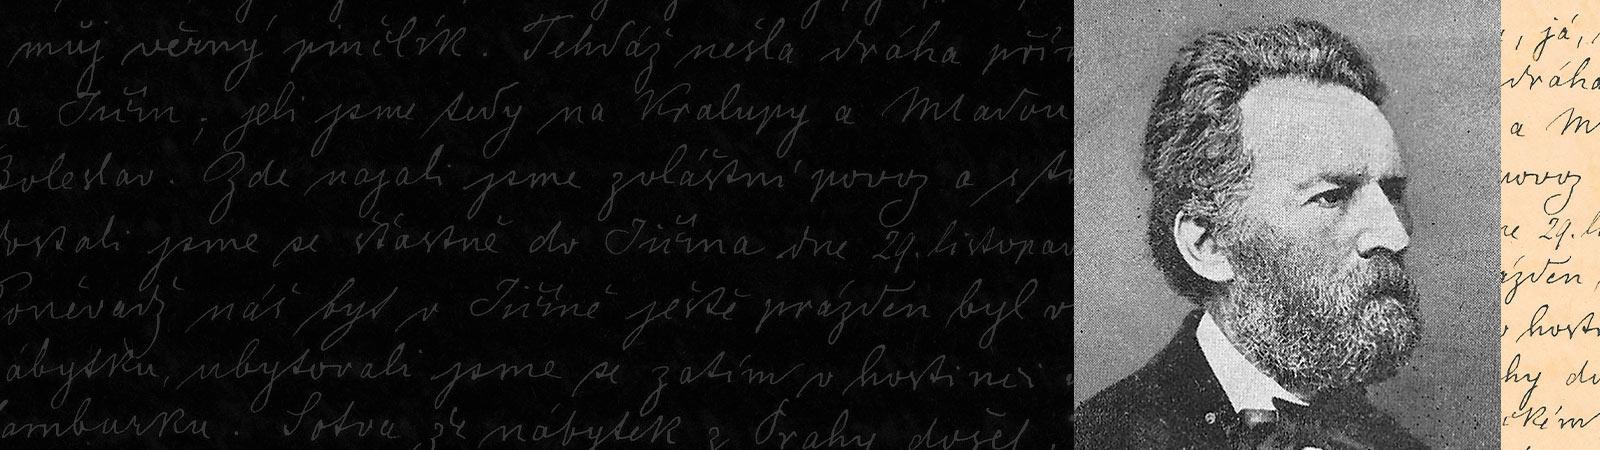 Nové publikace jičínského muzea: Vzpomínky Josefa Waltera: Jičín v letech  1870–1890 a katalog díla libáňského malíře s názvemFrantišek Max